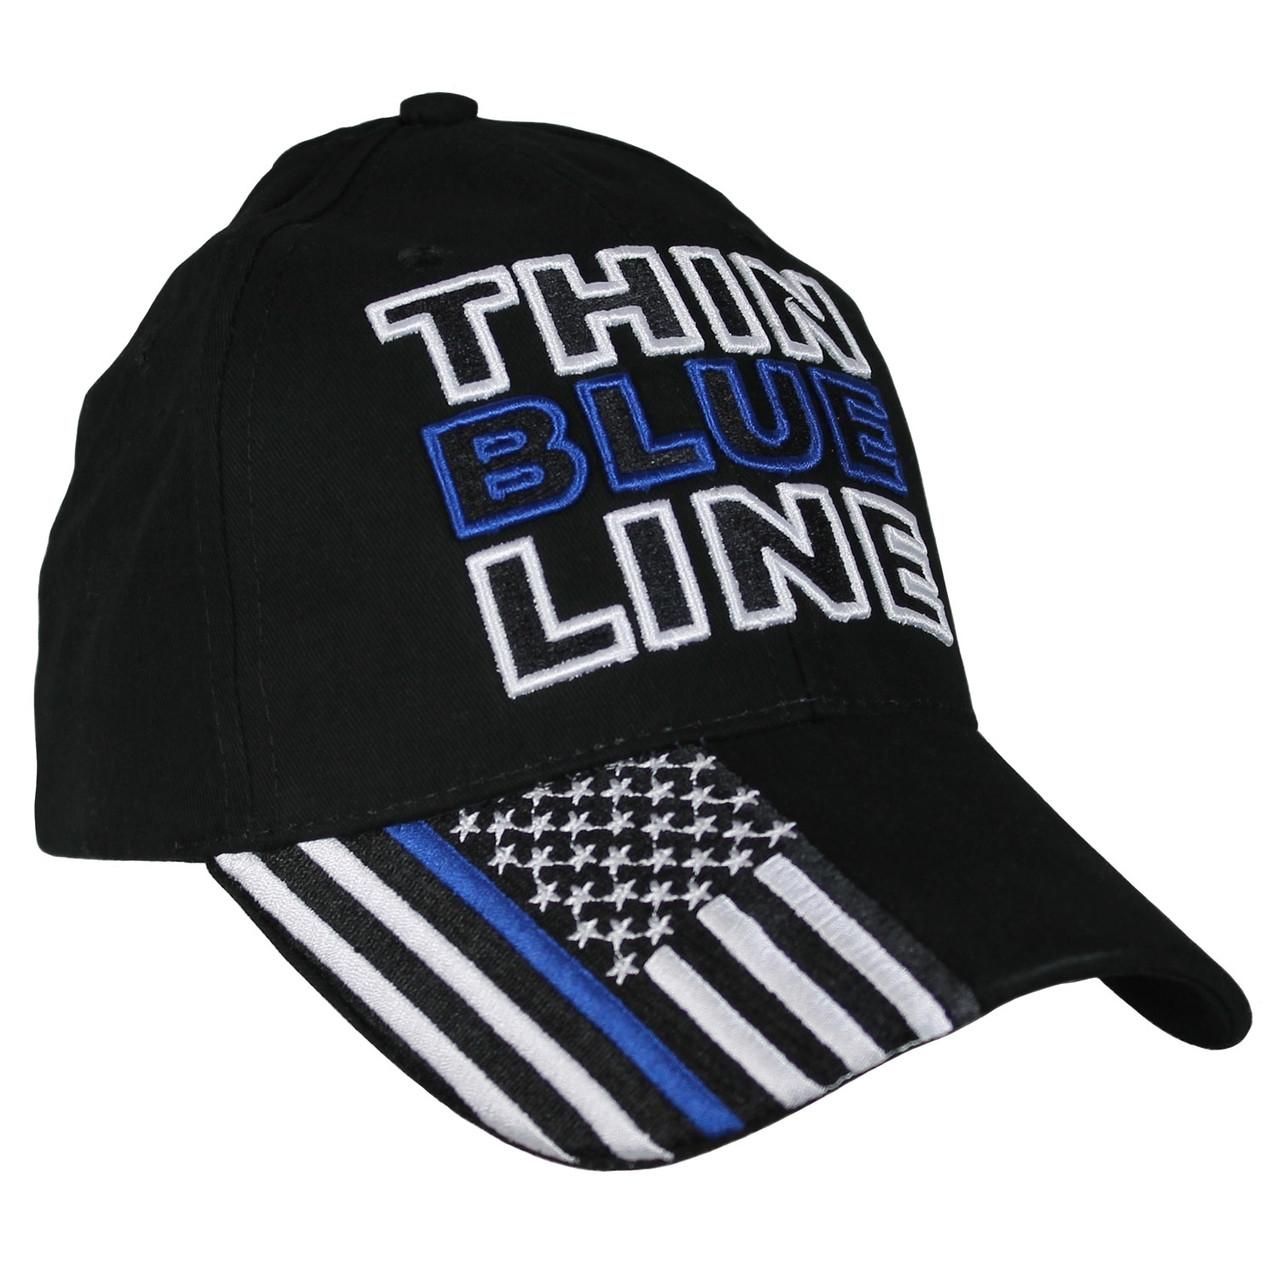 Eagle Crest 6725 - Thin Blue Line Flag Cap Cotton - Black 5418816ea64a